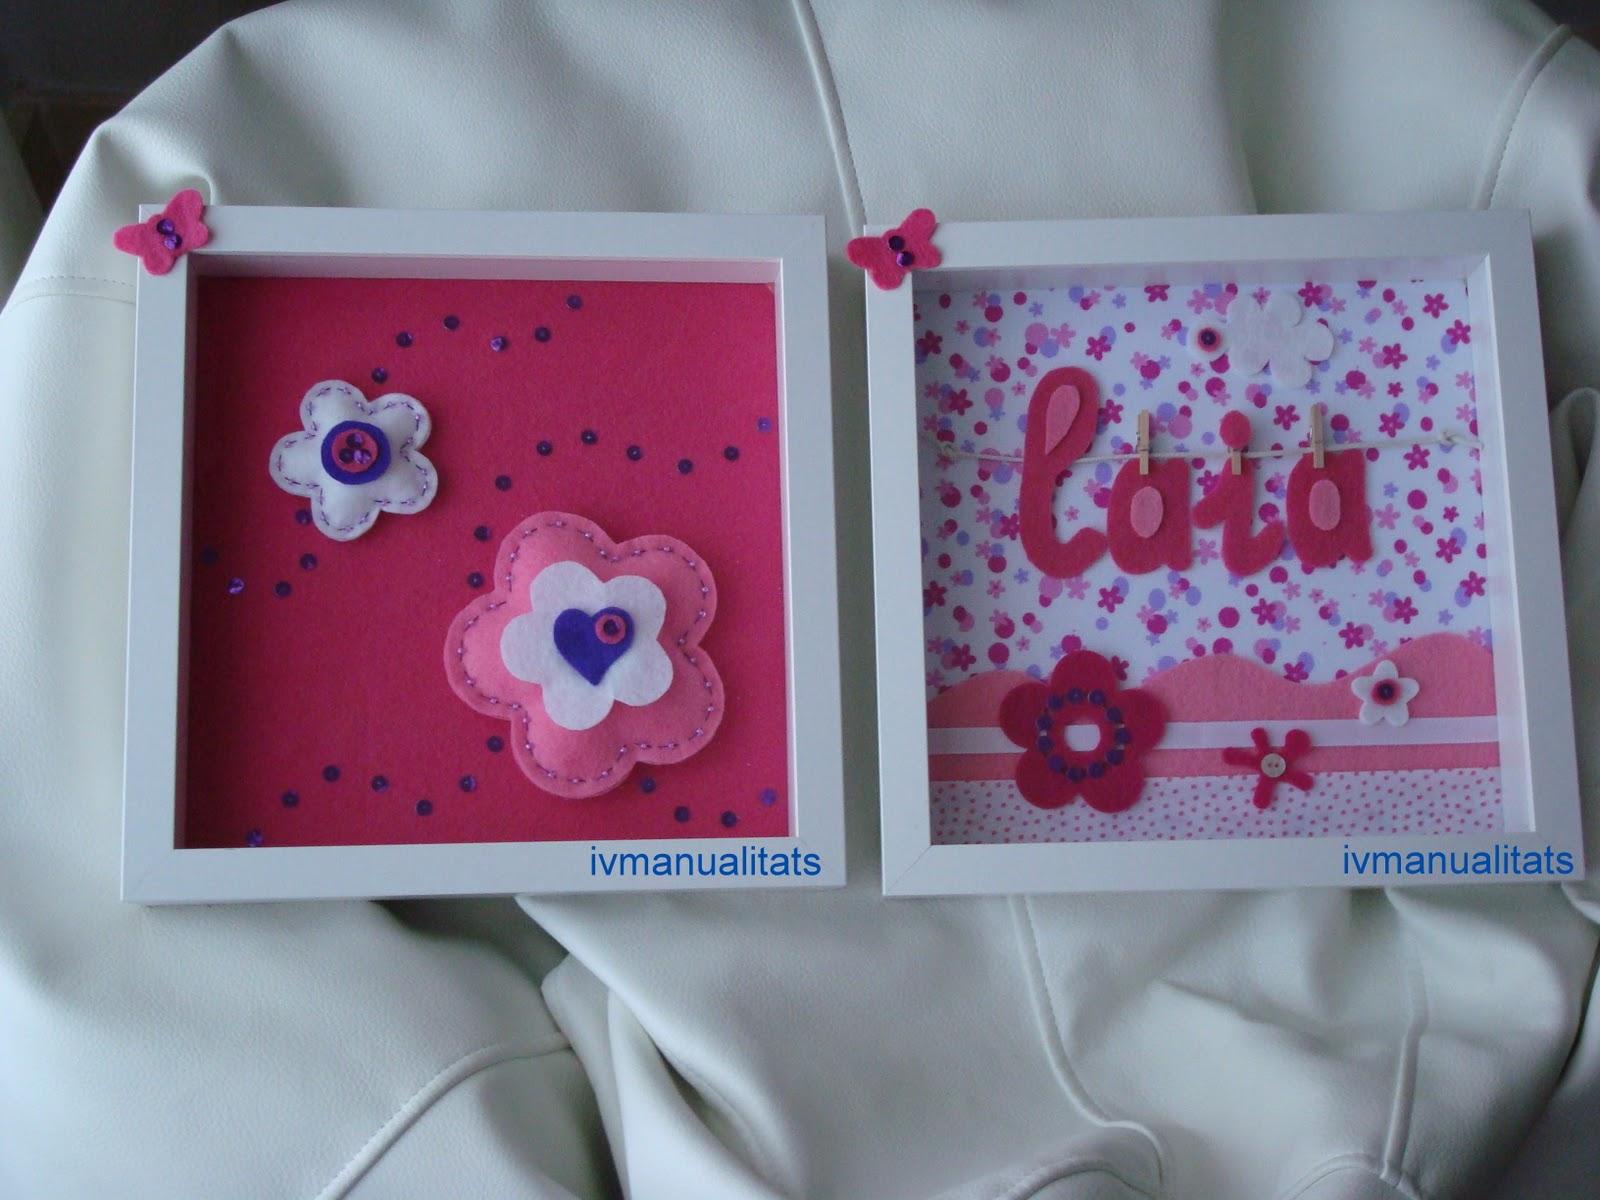 Ivmanualitats manualidades cuadros infantiles para nena Cuadros para decorar habitaciones infantiles